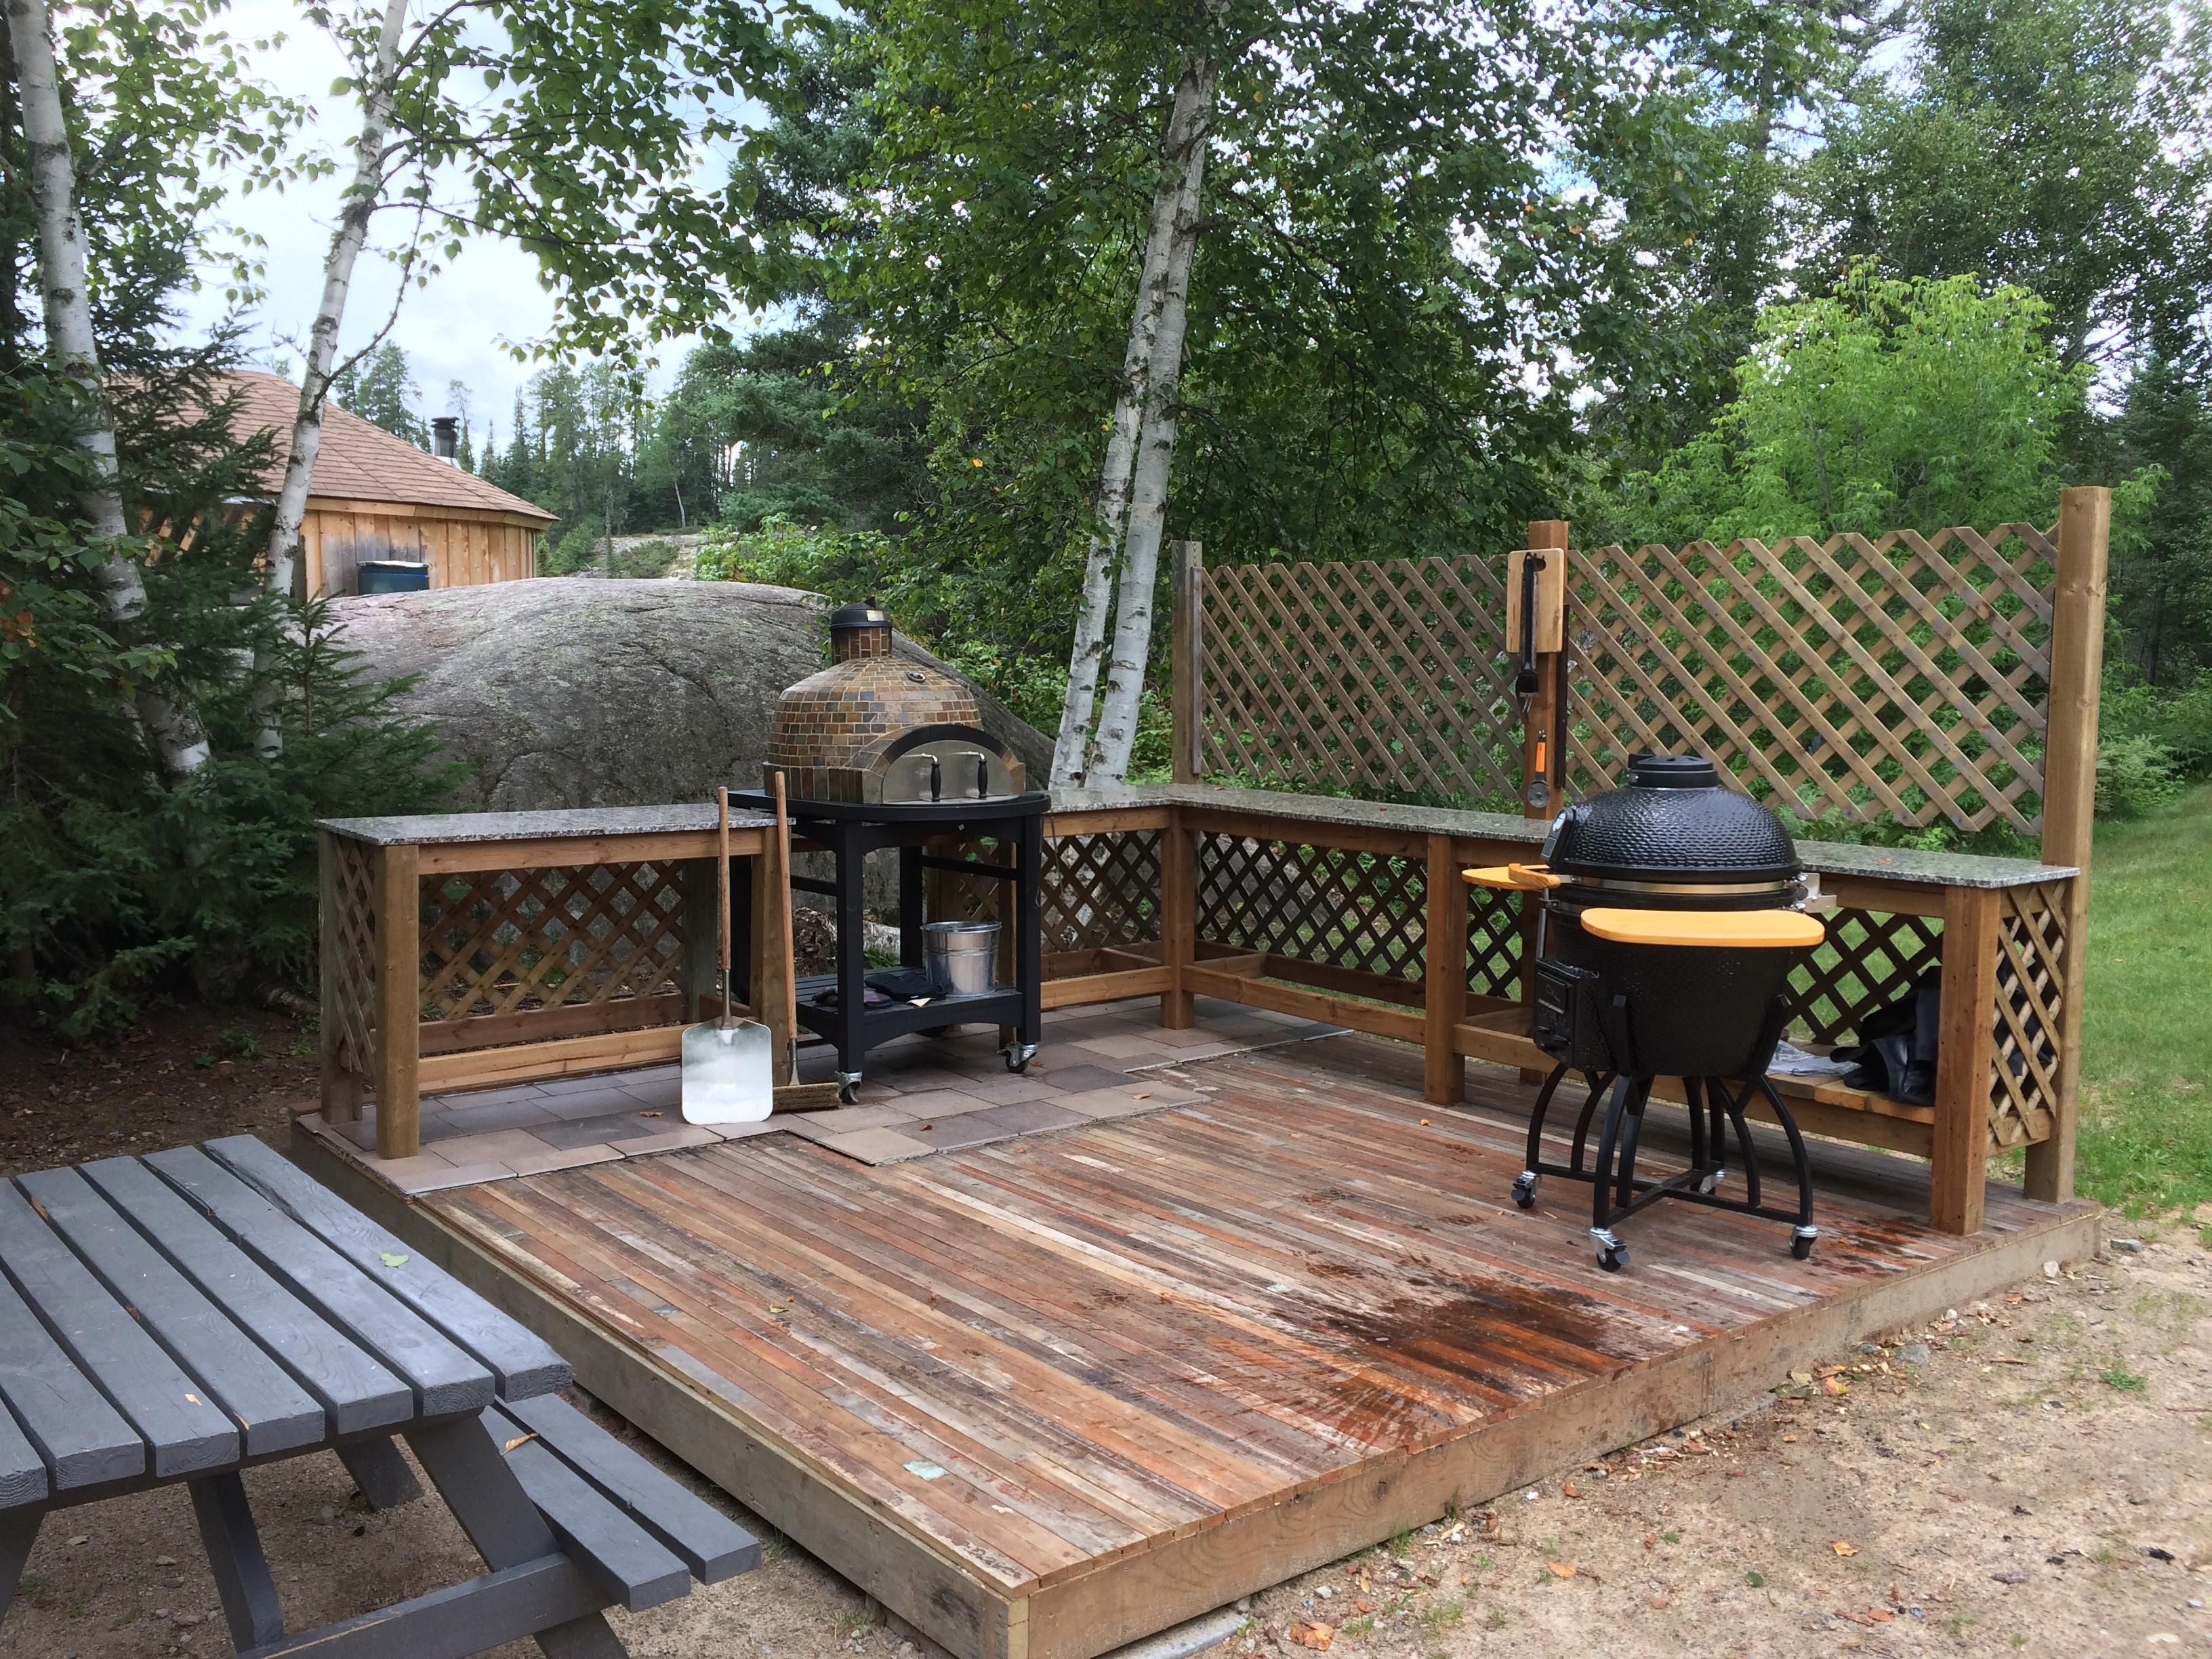 minaki yurt adventures yurt accomodation